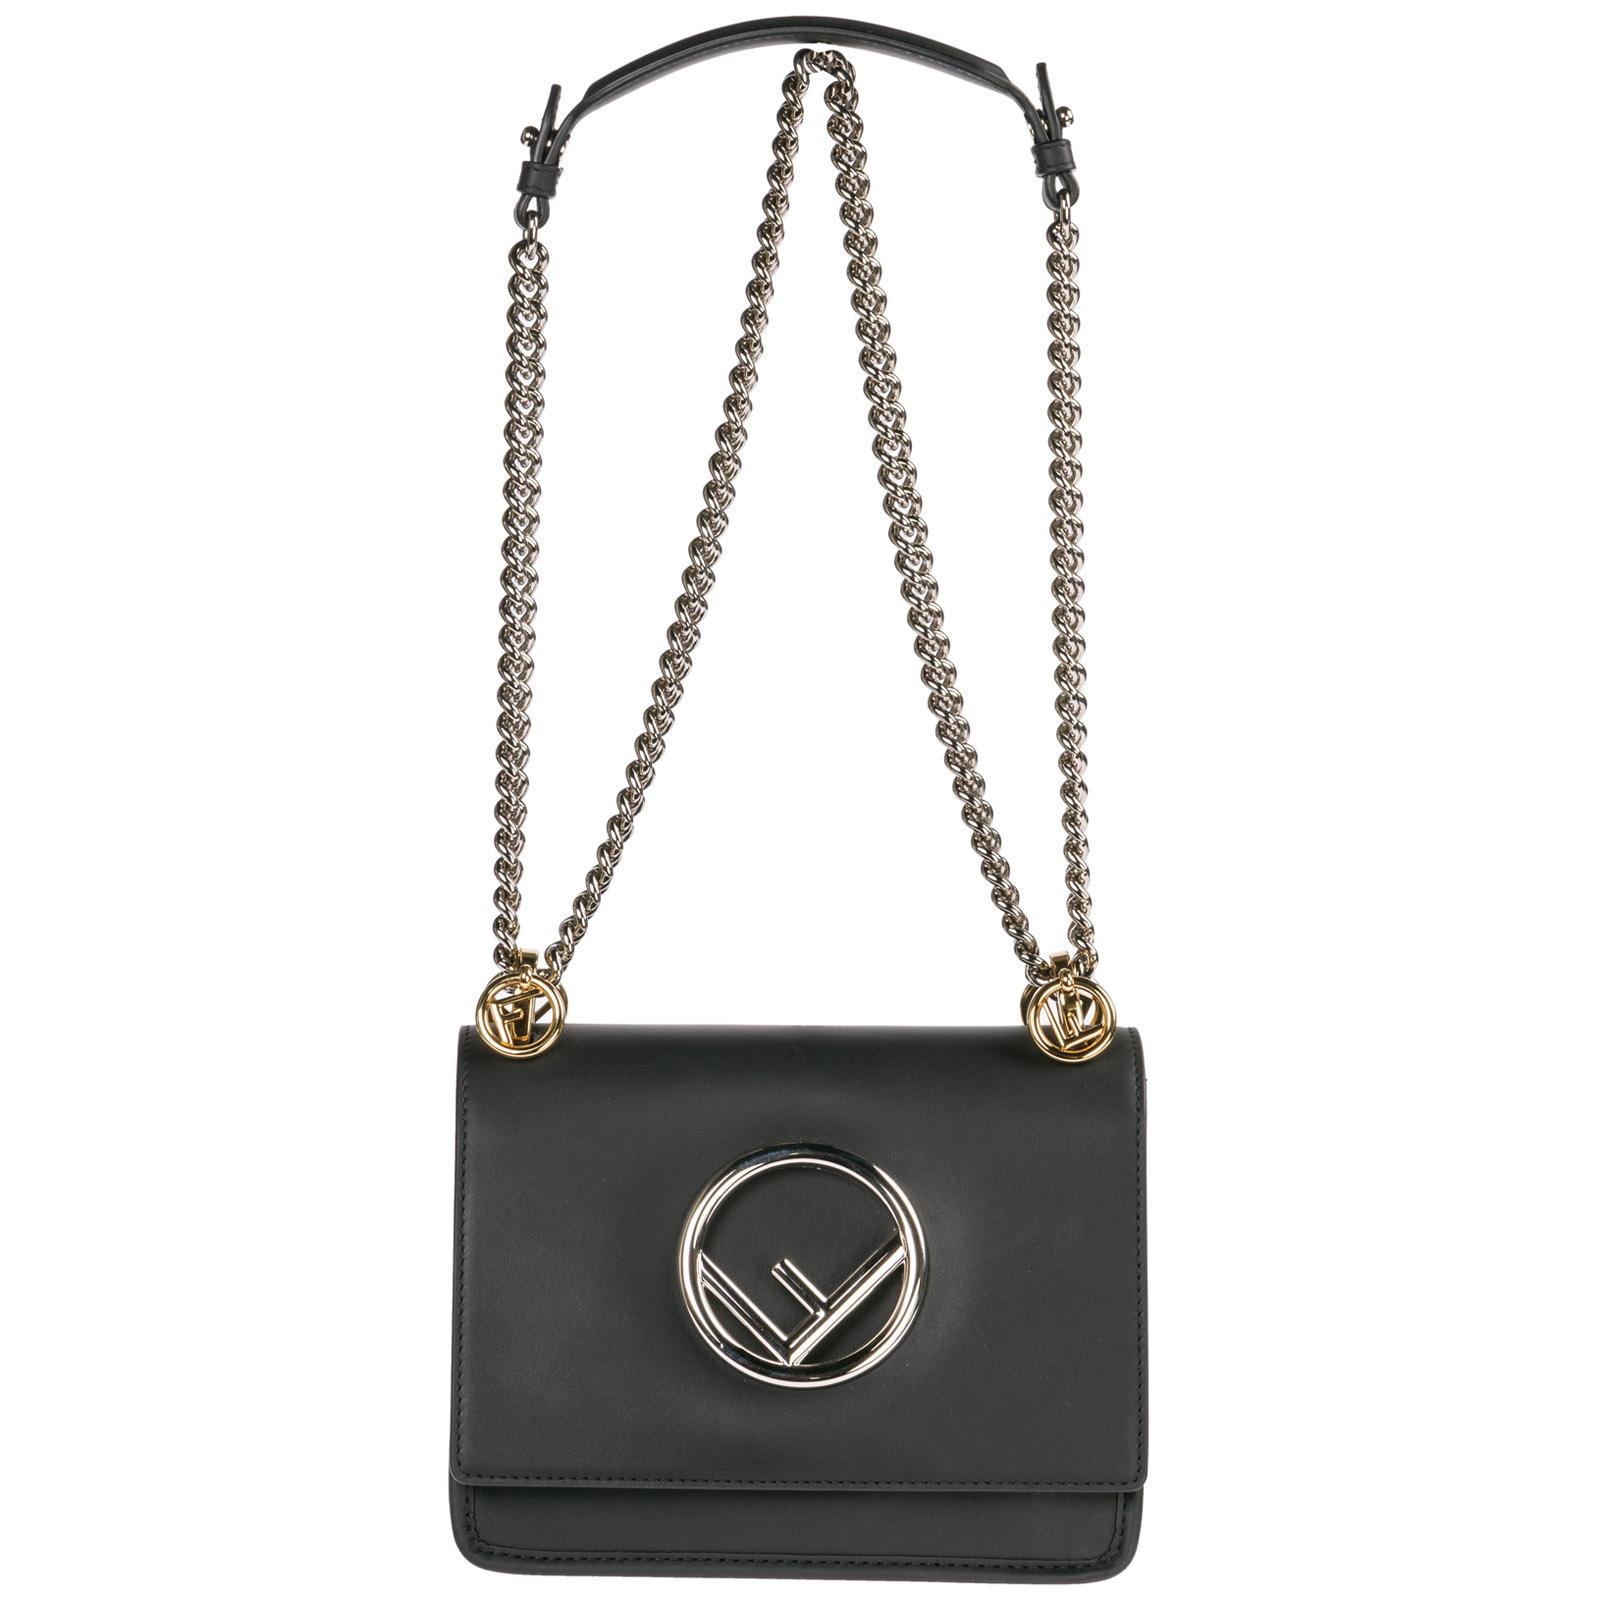 ... Women s leather shoulder bag kan i logo piccola ... 63575181fd